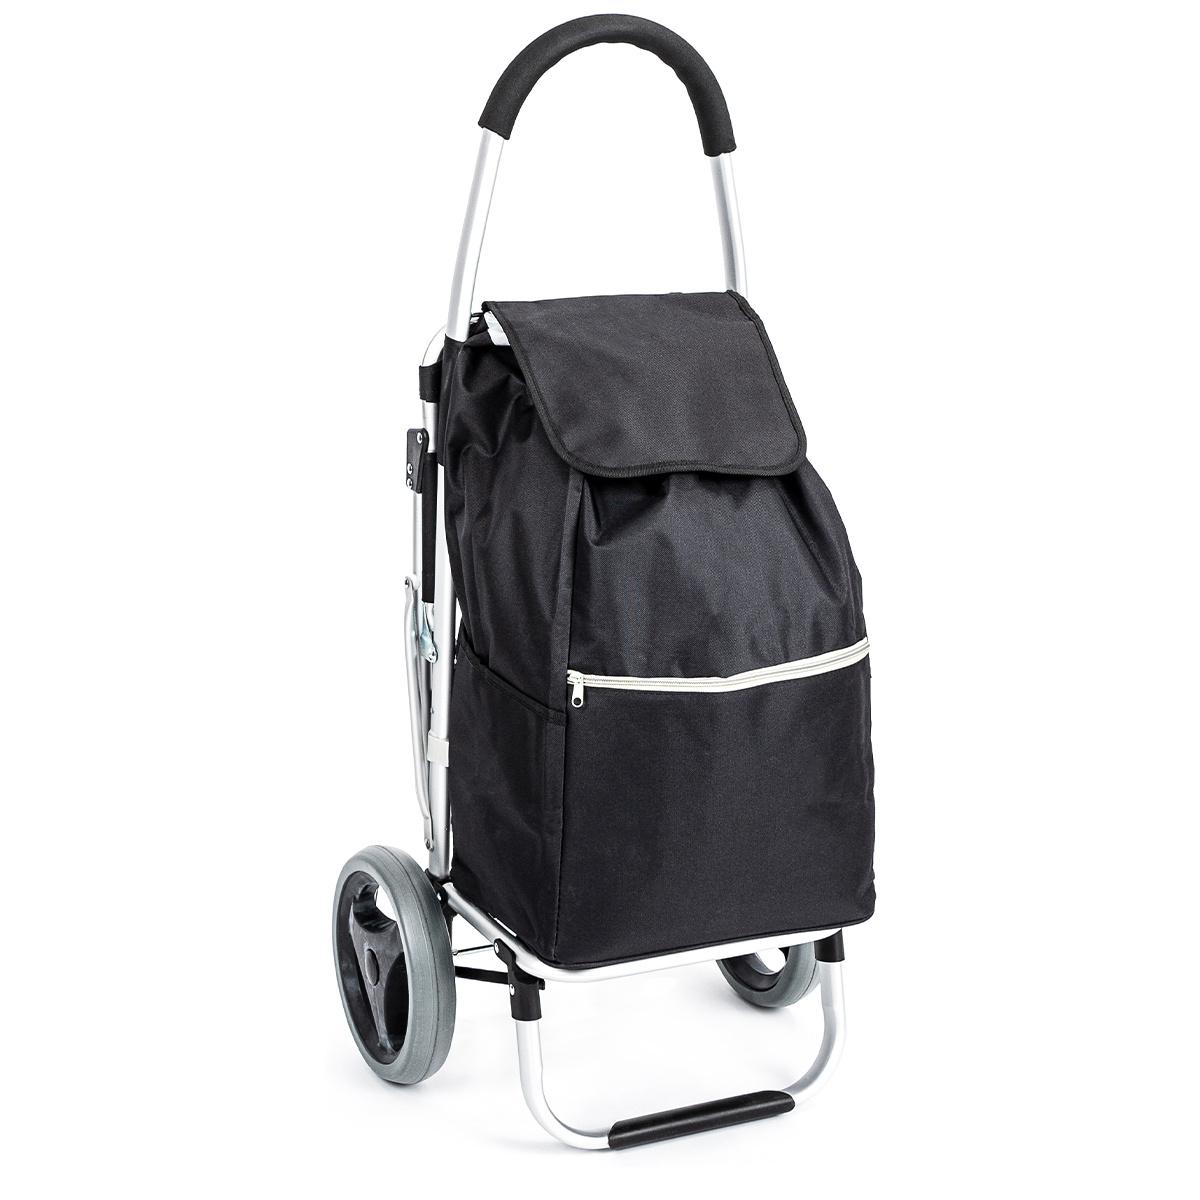 Aldo Nákupná taška na kolieskach so sedátkom Comfort, čierna